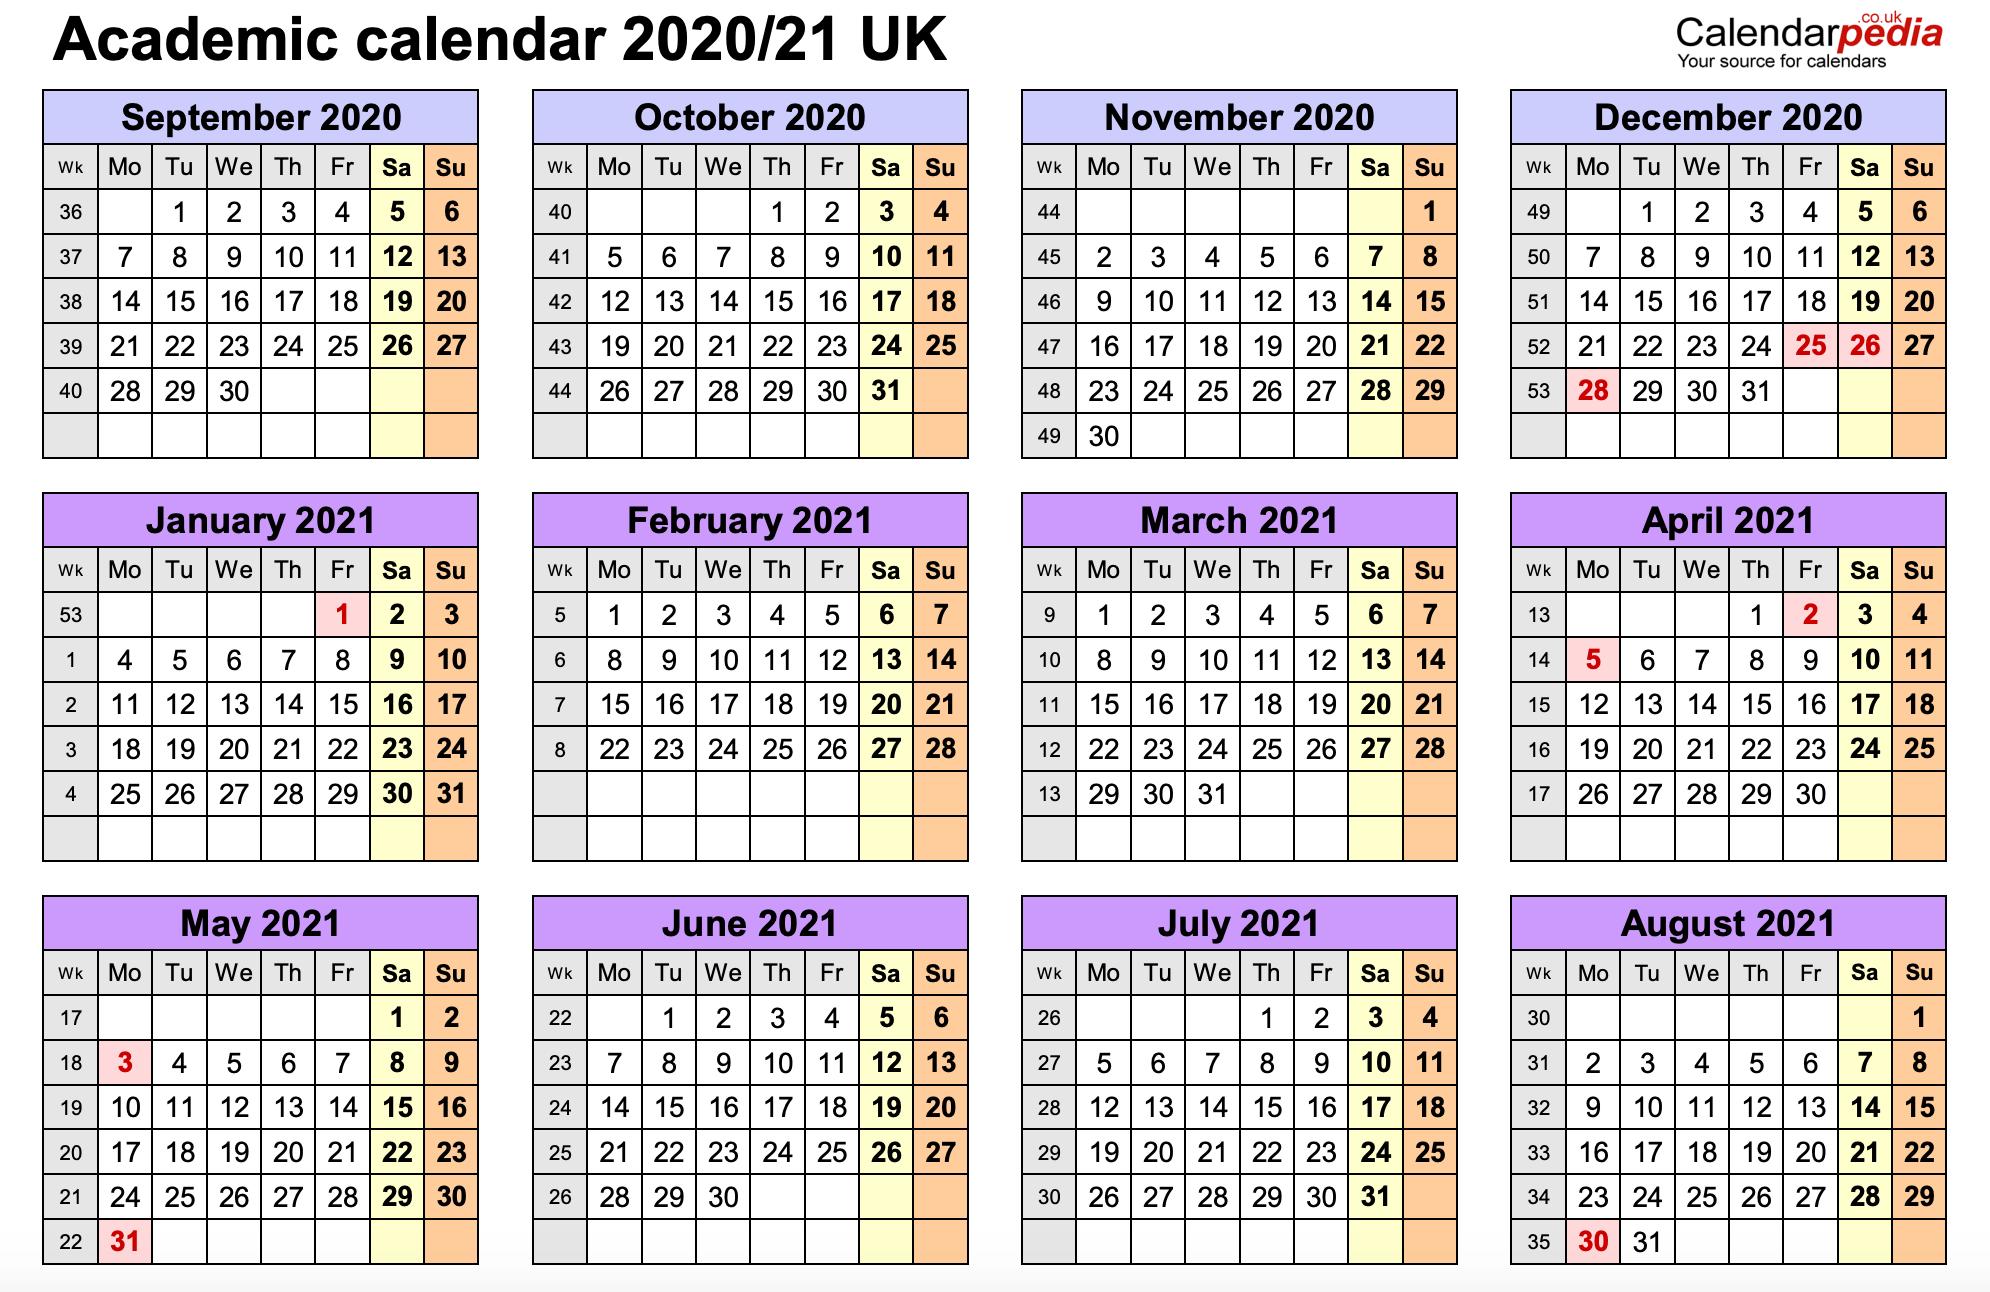 Screenshot 2021-04-08 at 12.34.32